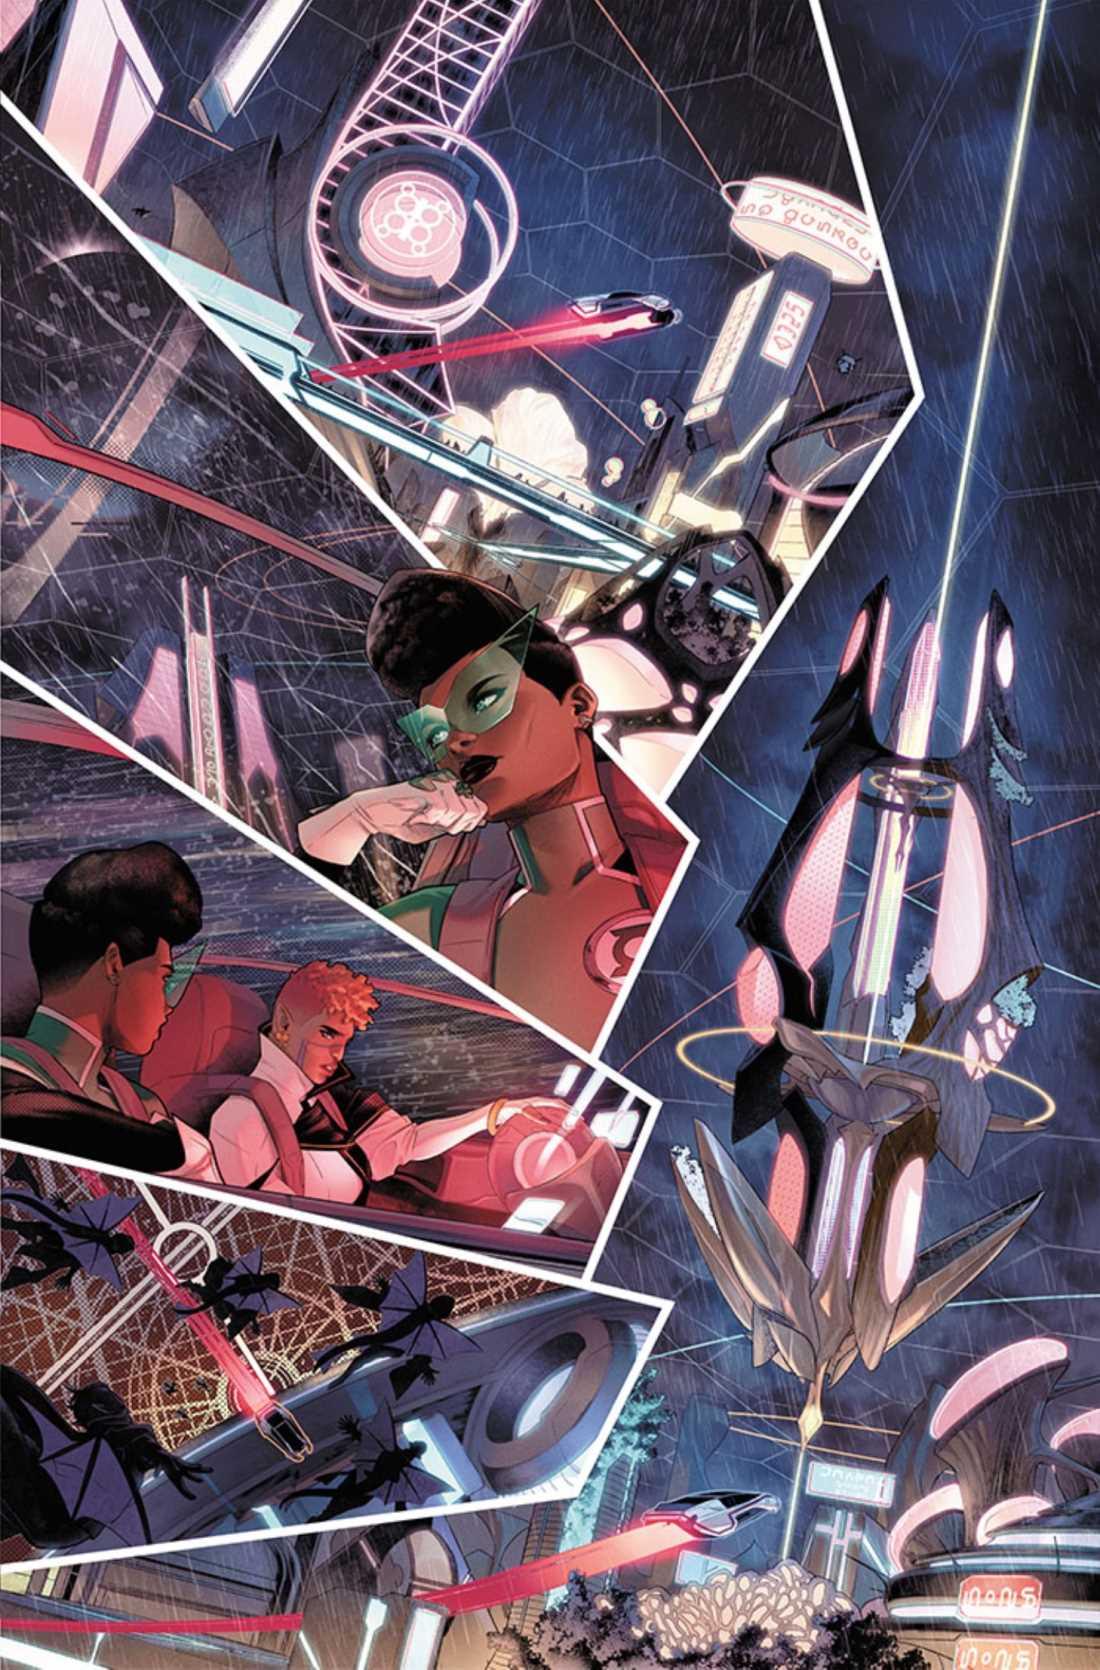 Green Lantern: Far Sector presenta el próximo héroe cósmico de DC